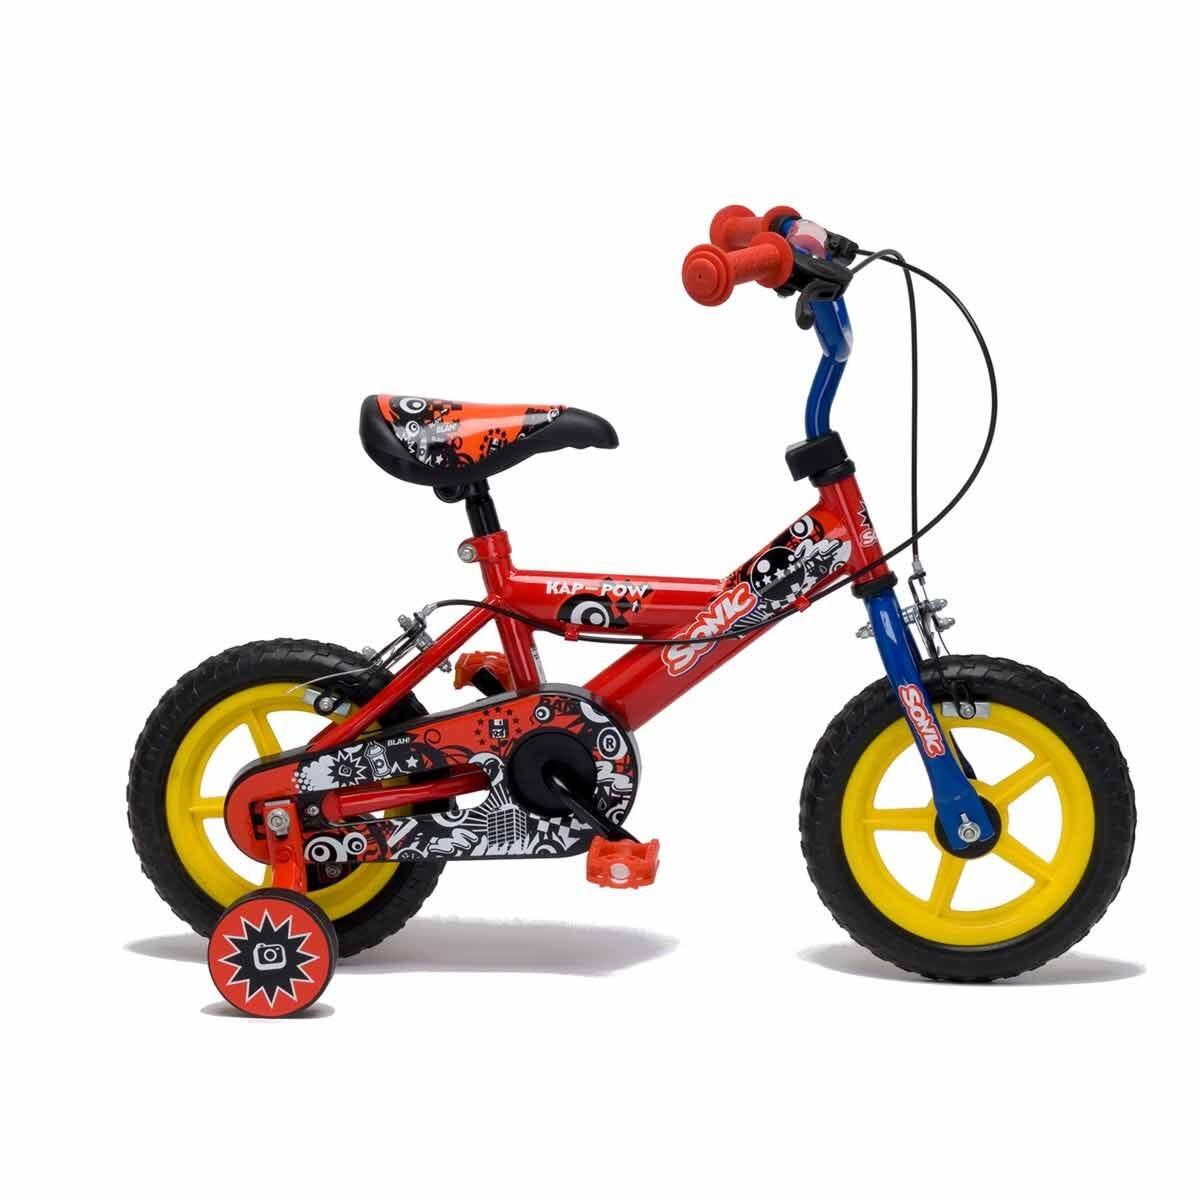 Sonic Kap-Pow Boys Bike 12 Inch Wheel